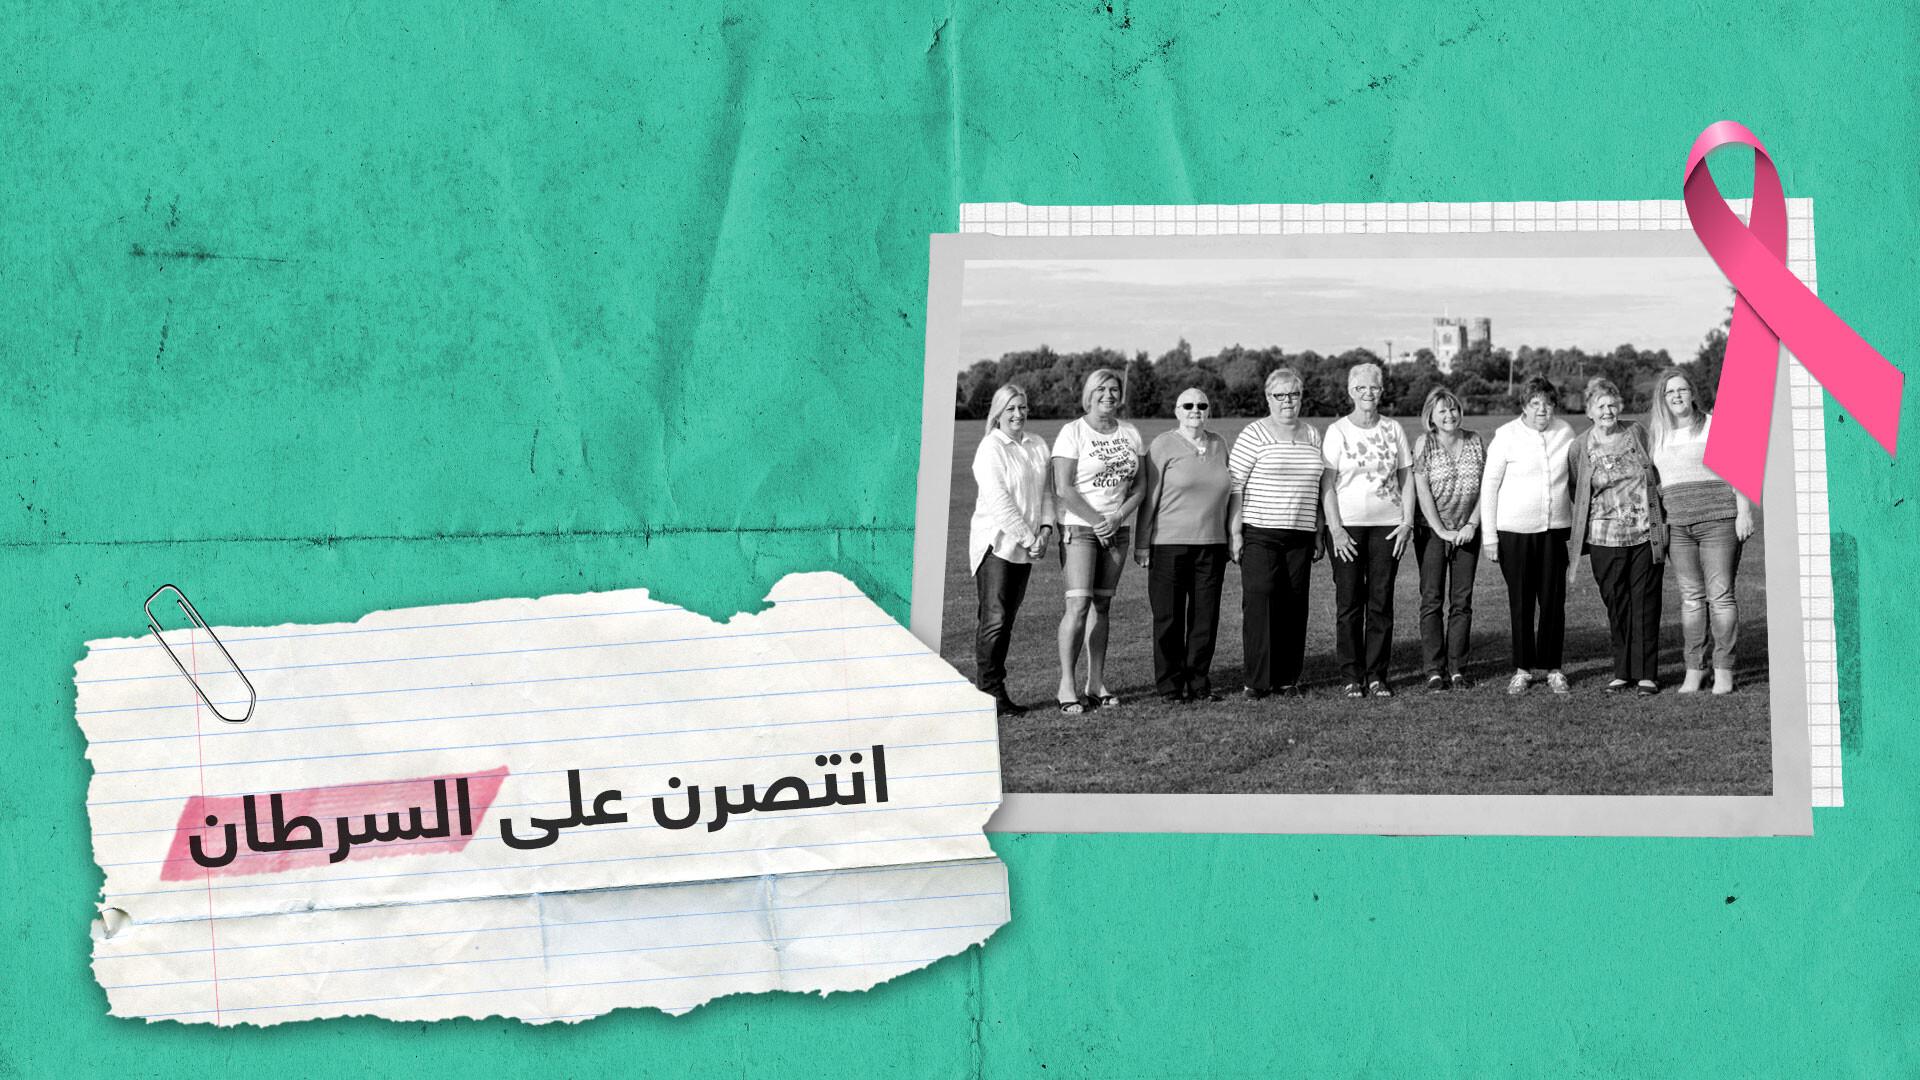 10 سيدات من عائلة واحدة ينتصرن على المرض الخبيث